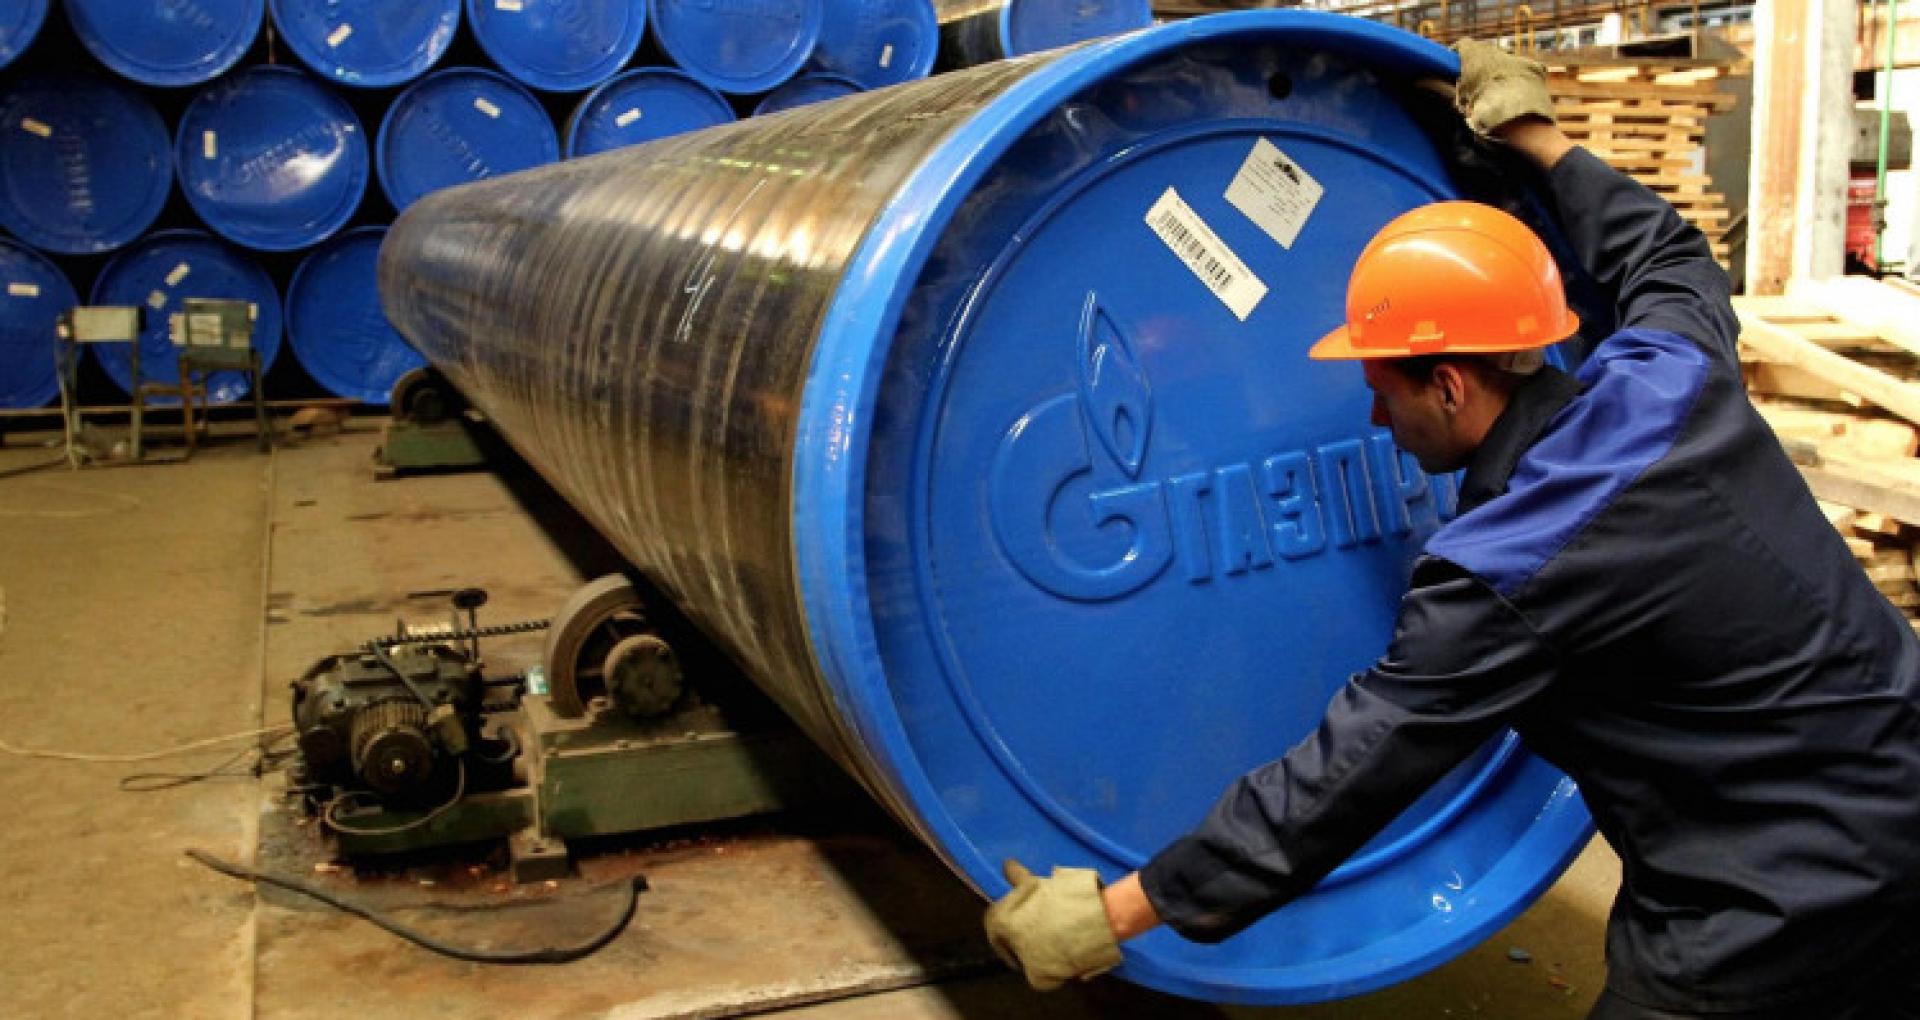 Analiză Euronews. Care este rolul Rusiei în criza europeană a gazelor naturale?